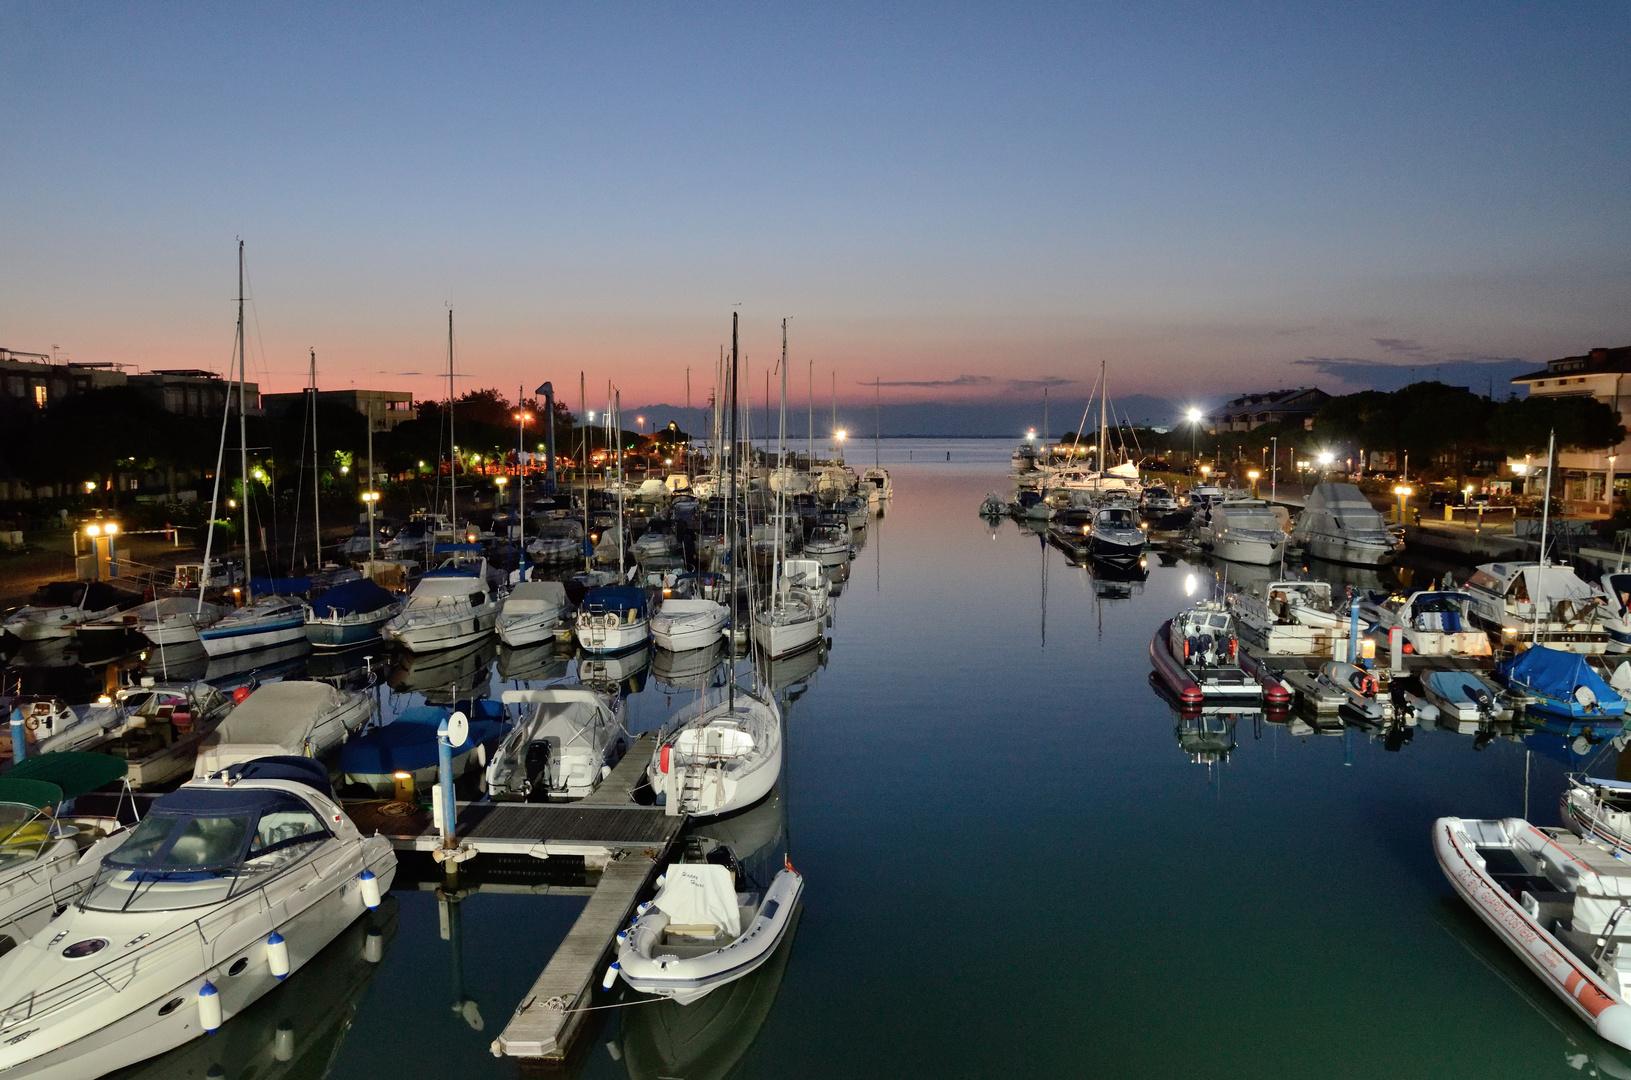 Der Yachthafen von Lignano am Abend